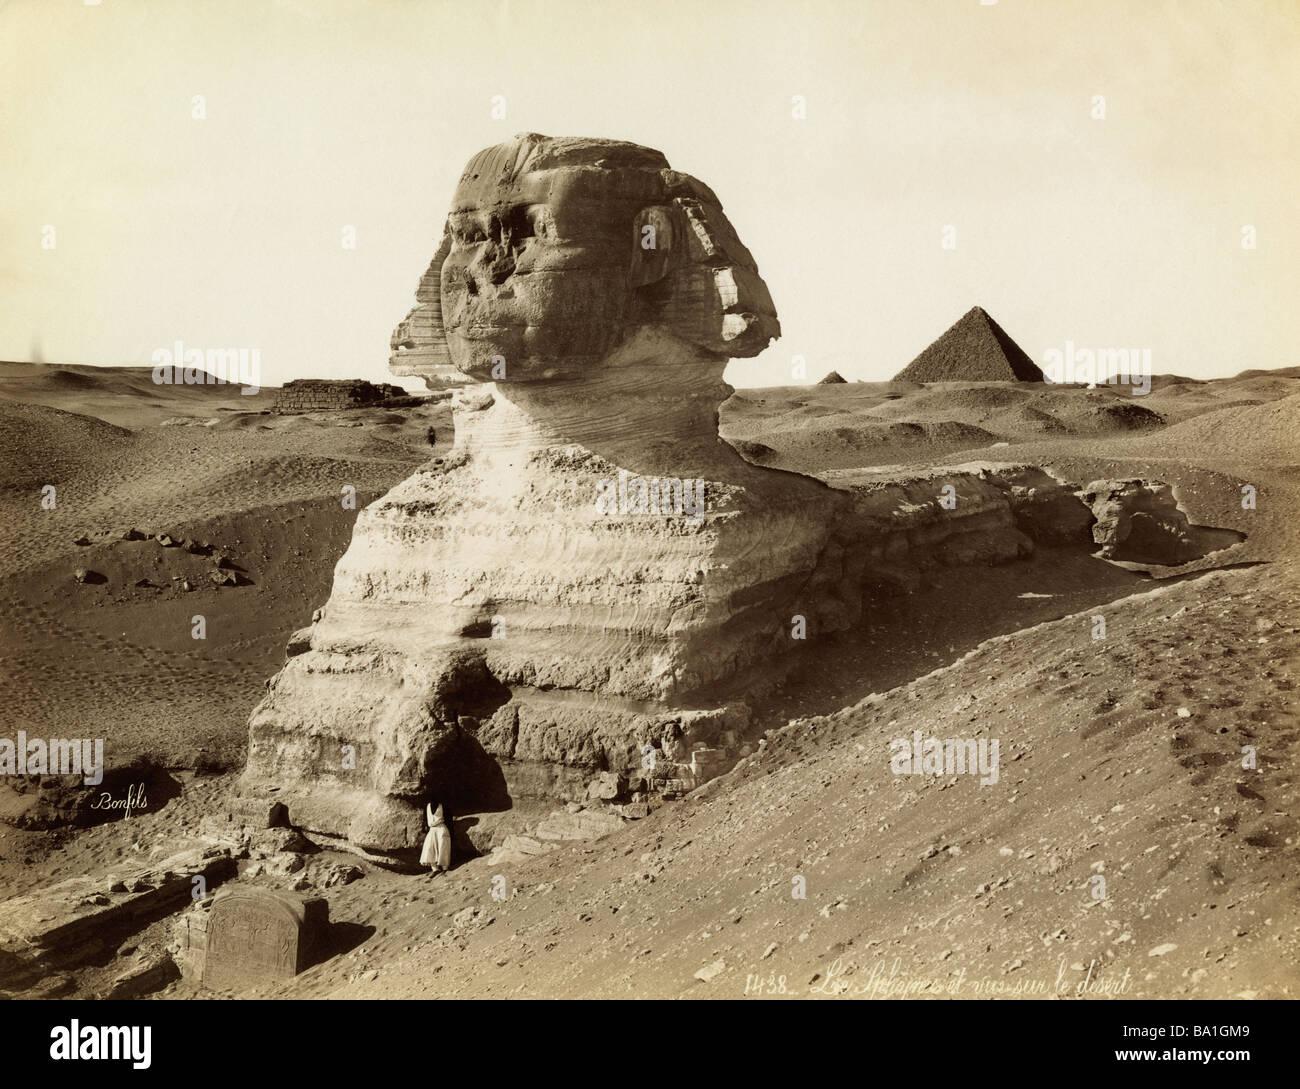 Geografia / viaggi, Egitto, Giza, Sphinx, fotografia di Felix Bonfils (1831 - 1885), Africa del XIX secolo, la storica, Immagini Stock